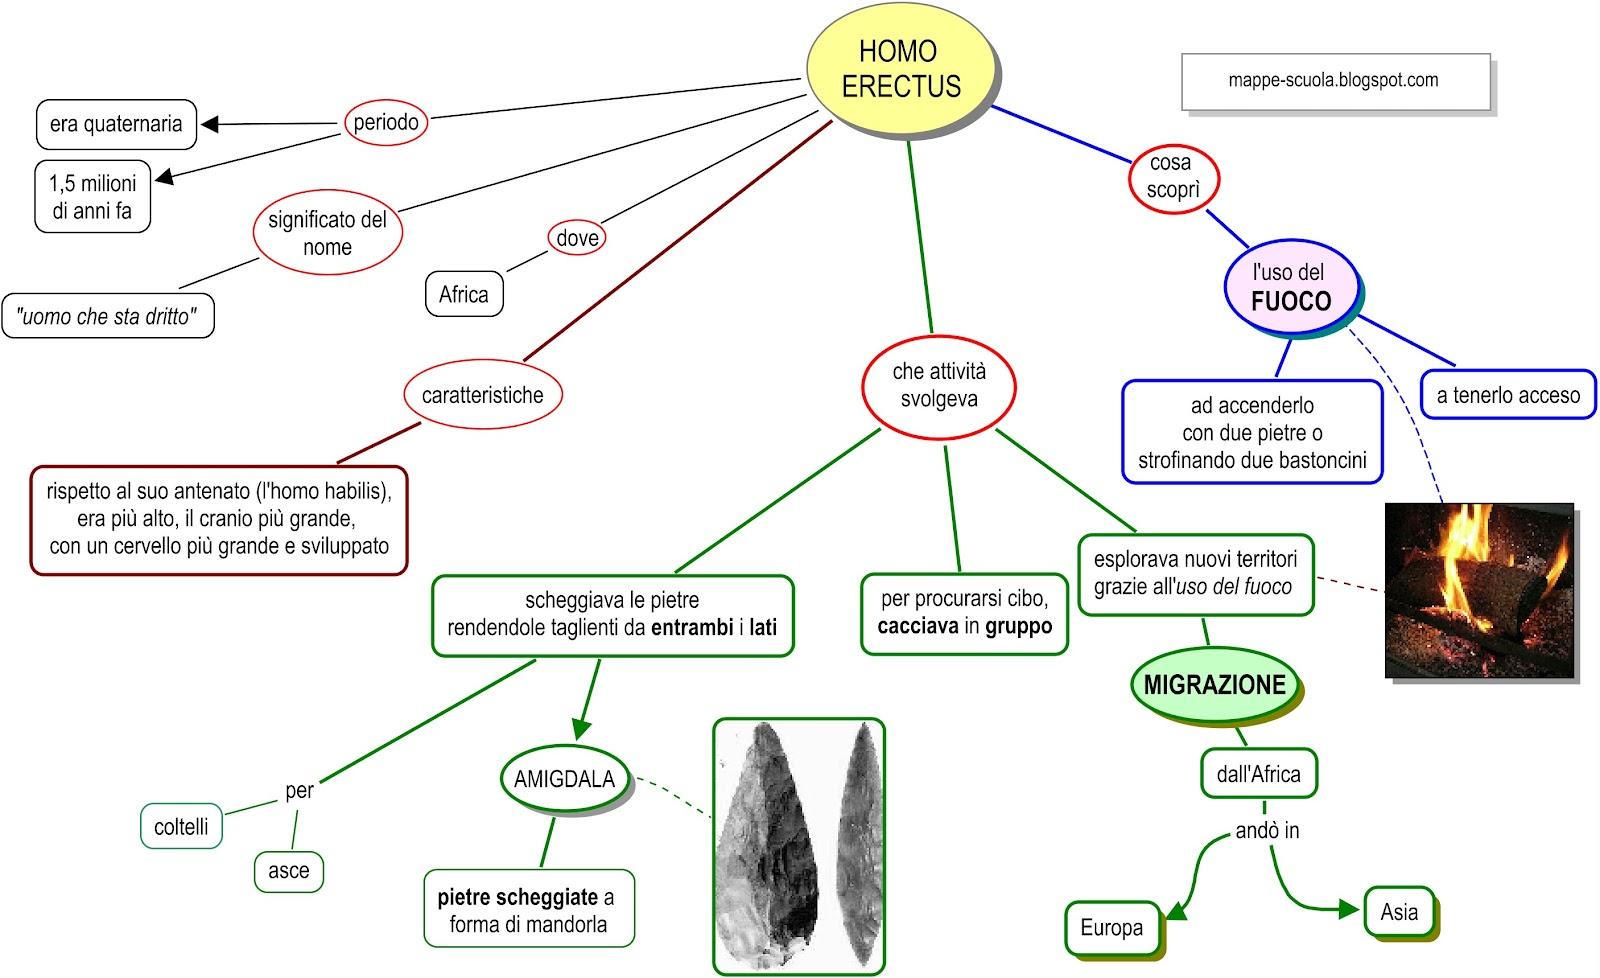 Verifica Mappa Concettuale Homo Erectus Per Scuola Elementare